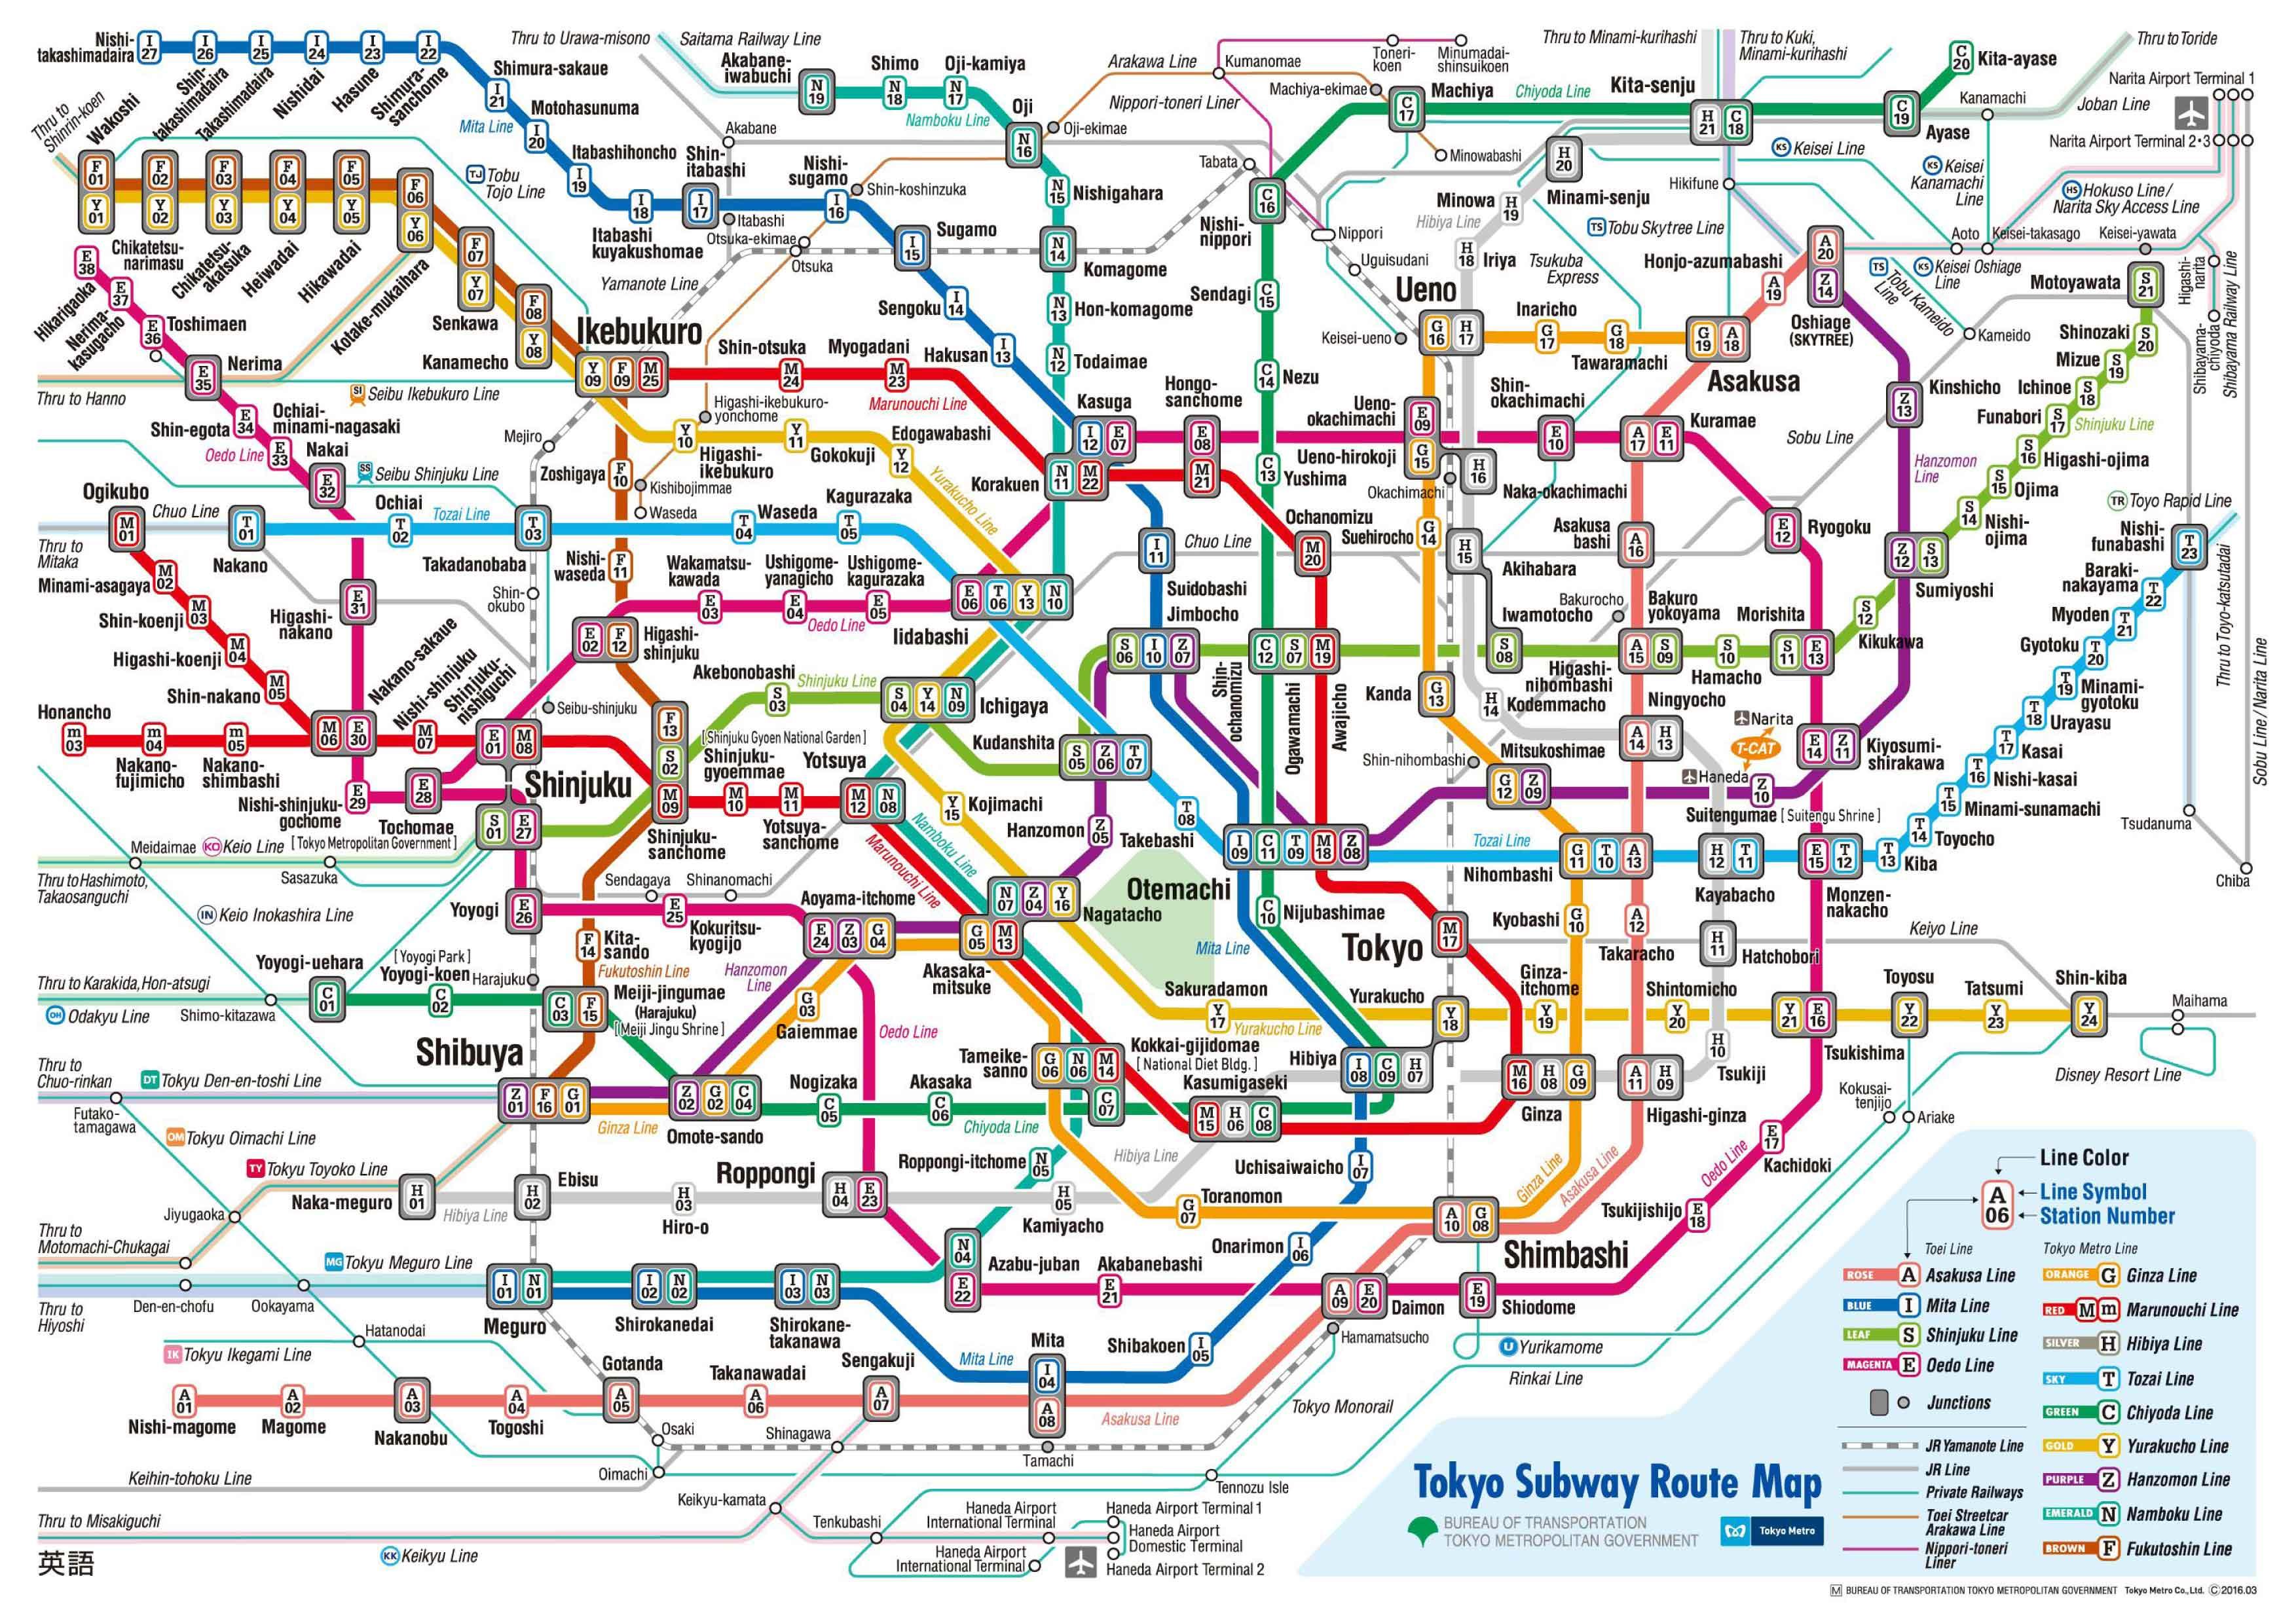 日本东京地铁线路图 运营时间票价站点 查询下载 东京地铁票价 东京地铁运营时间 东京地铁线路图 都营地铁 东京地铁 日本地铁 日本地铁线路图  第4张